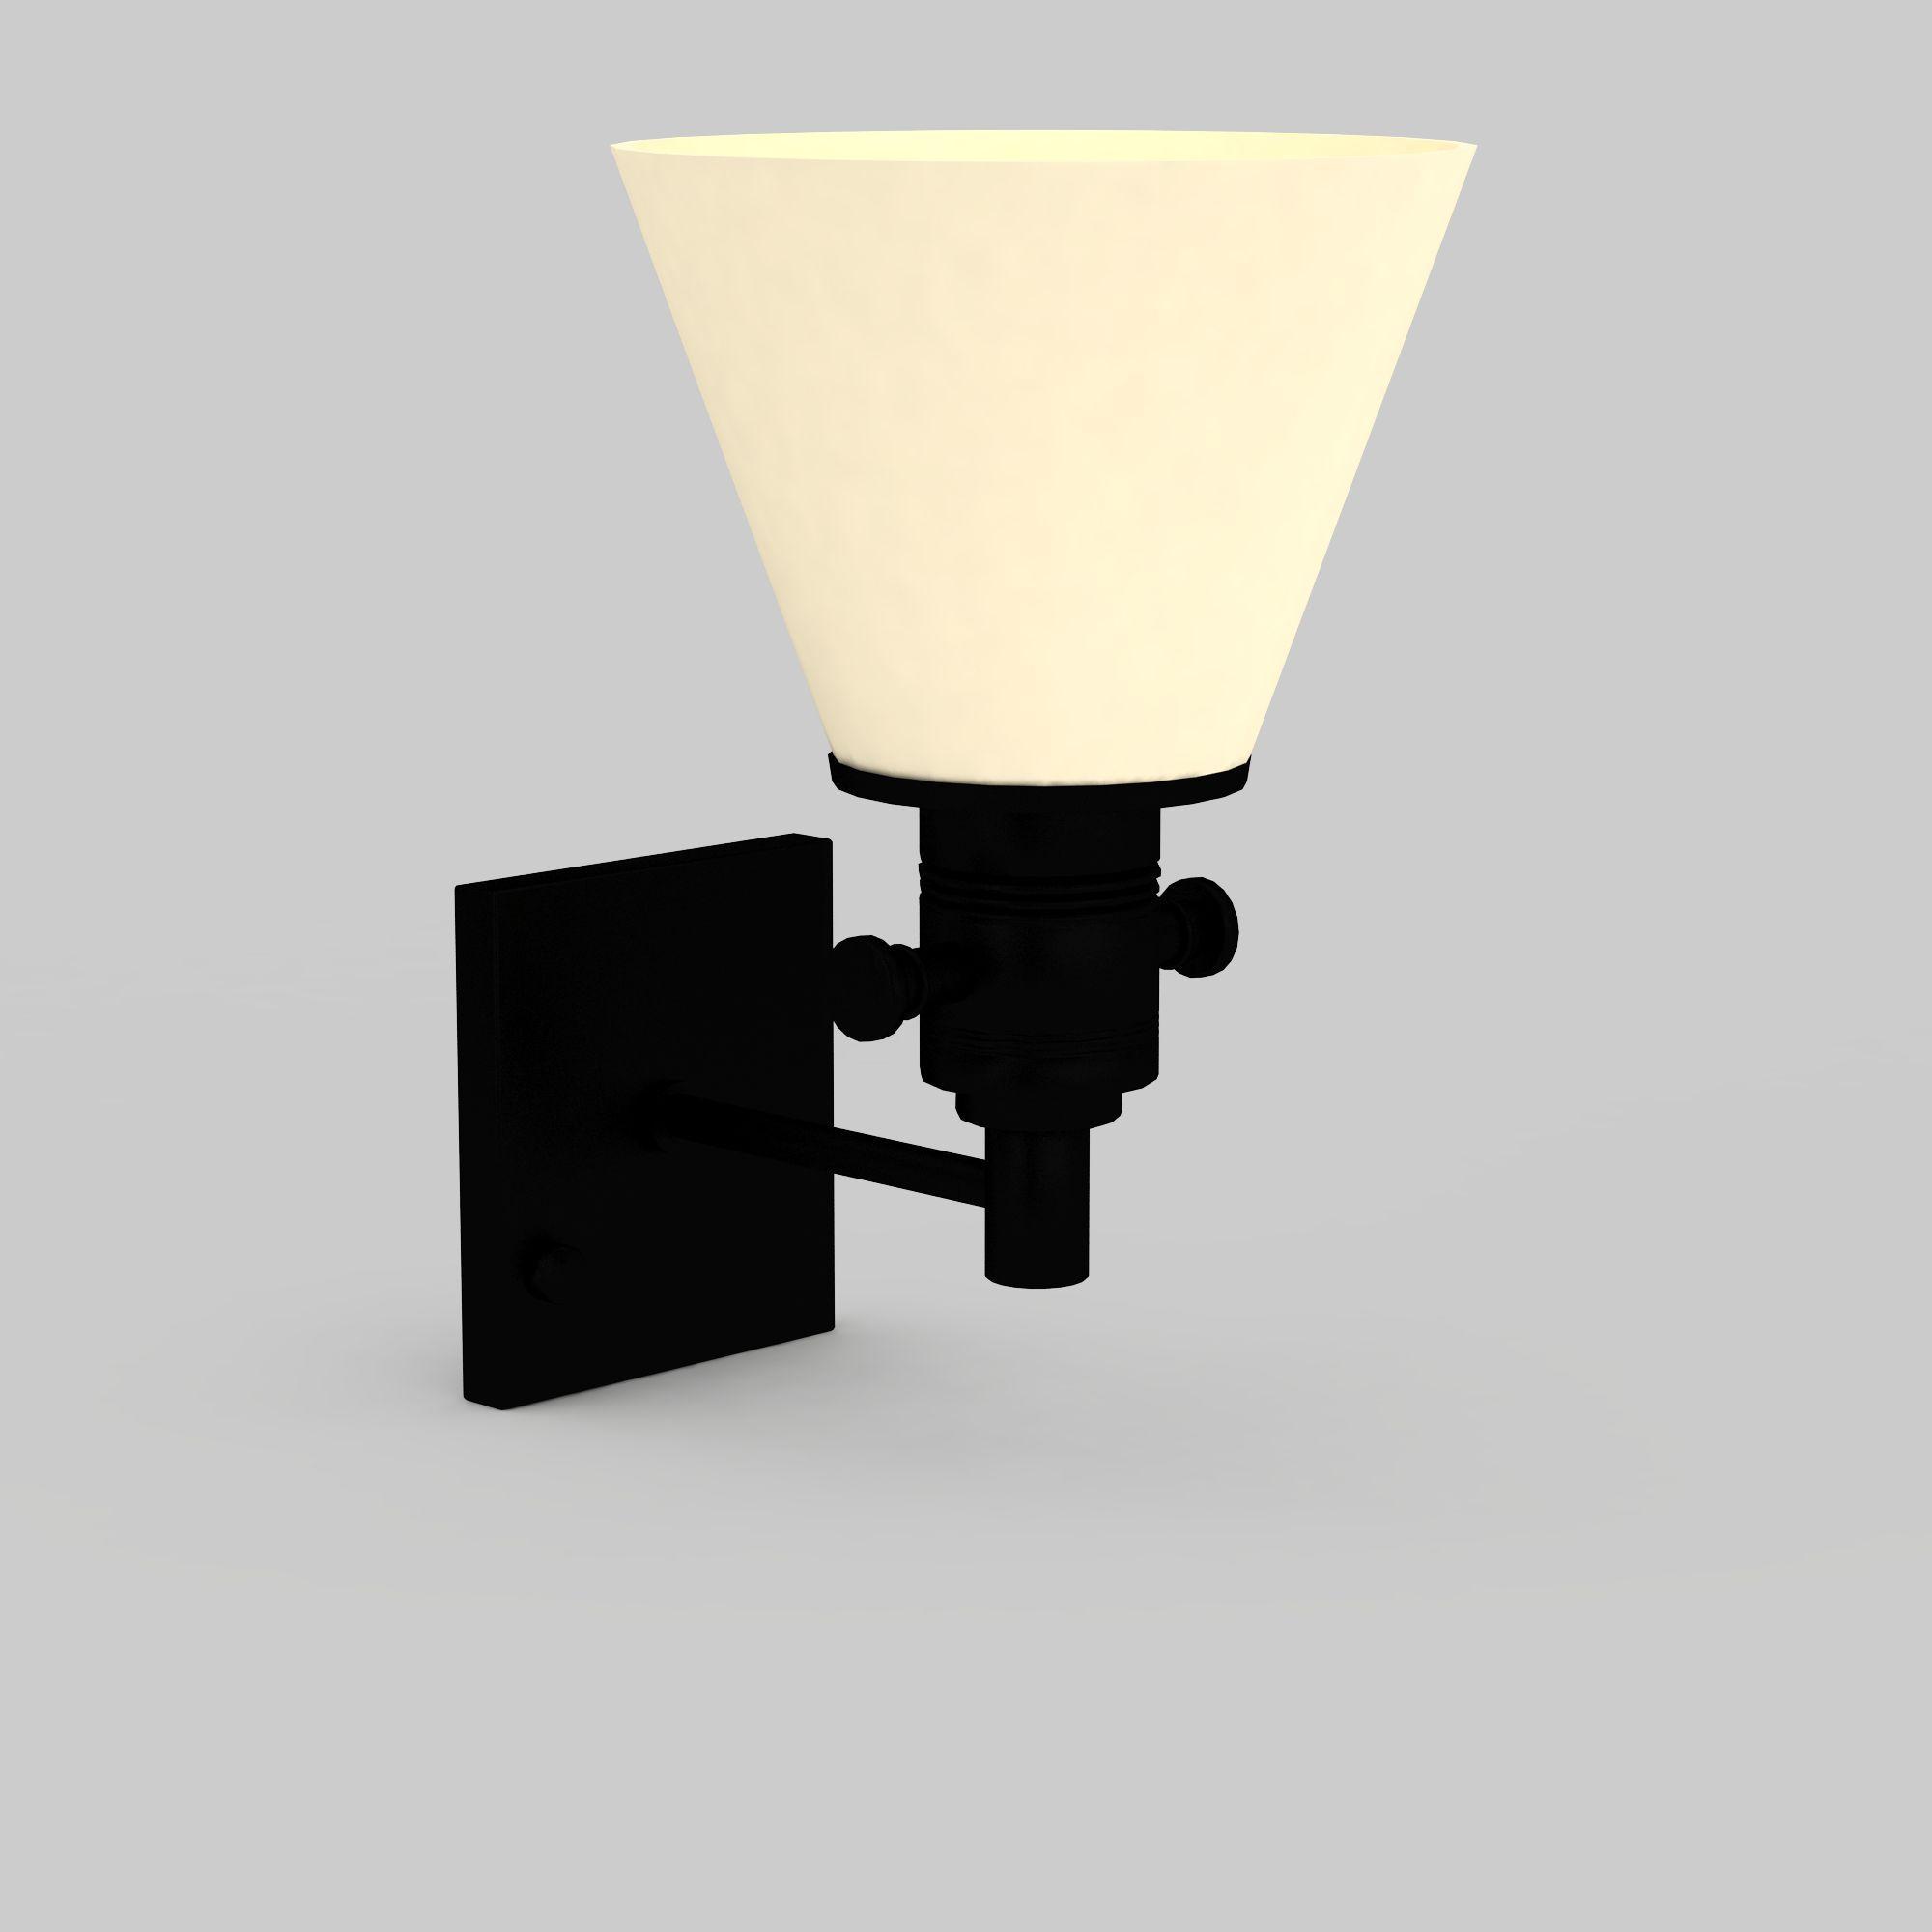 简约白色壁灯图片_简约白色壁灯png图片素材_简约白色